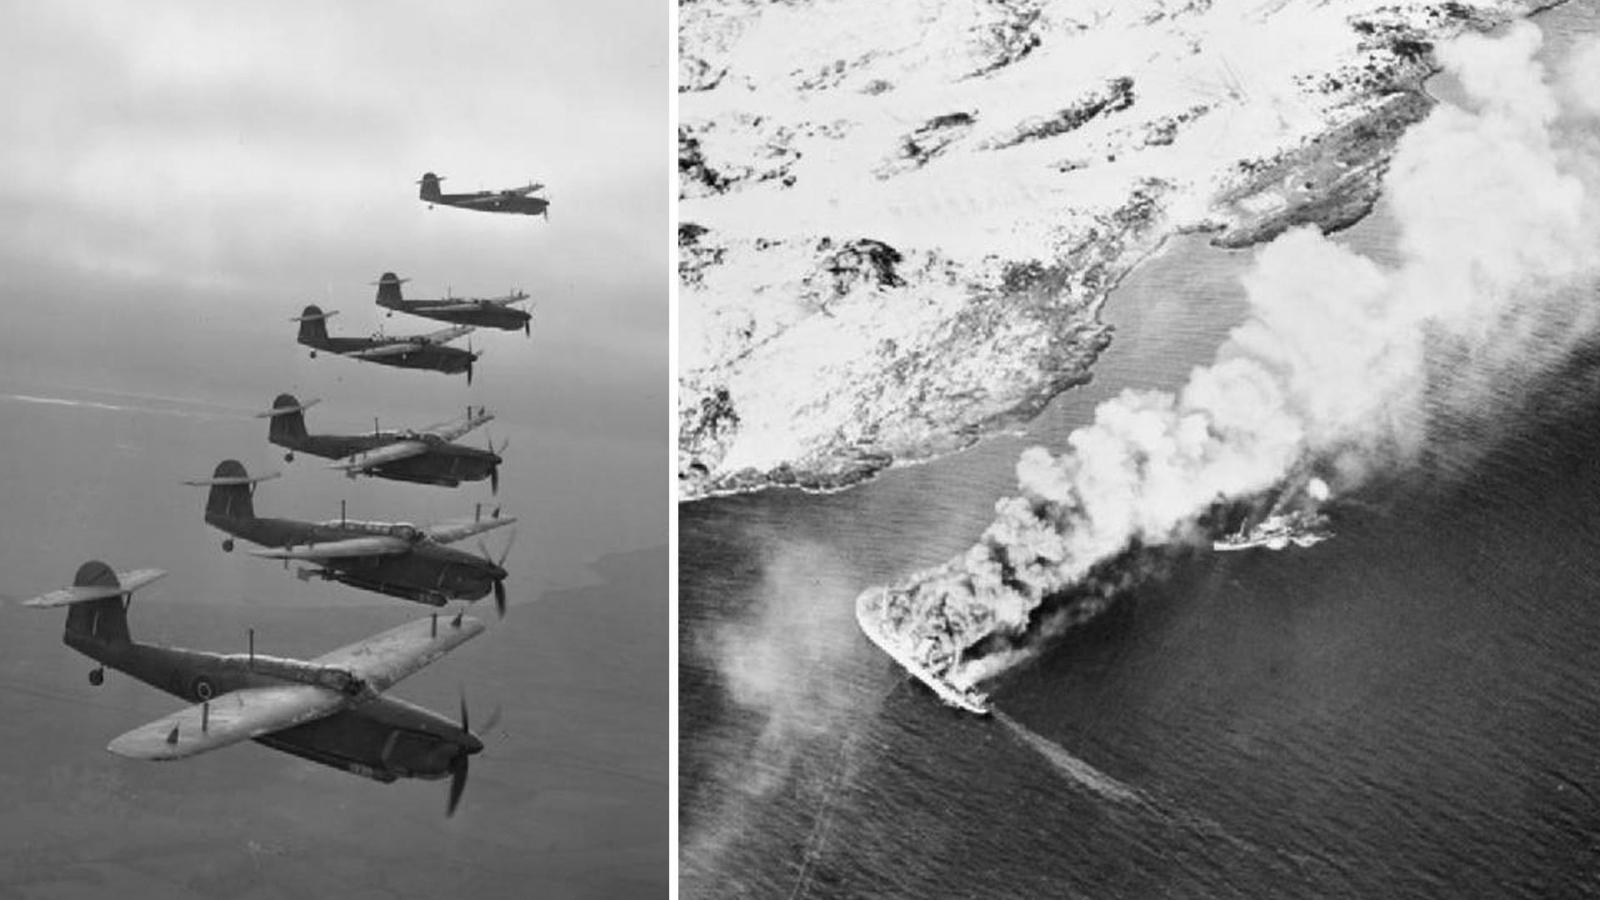 Sai lầm định mệnh của Hải quân Anh khiến hơn 2.000 lính Liên Xô chết đuối